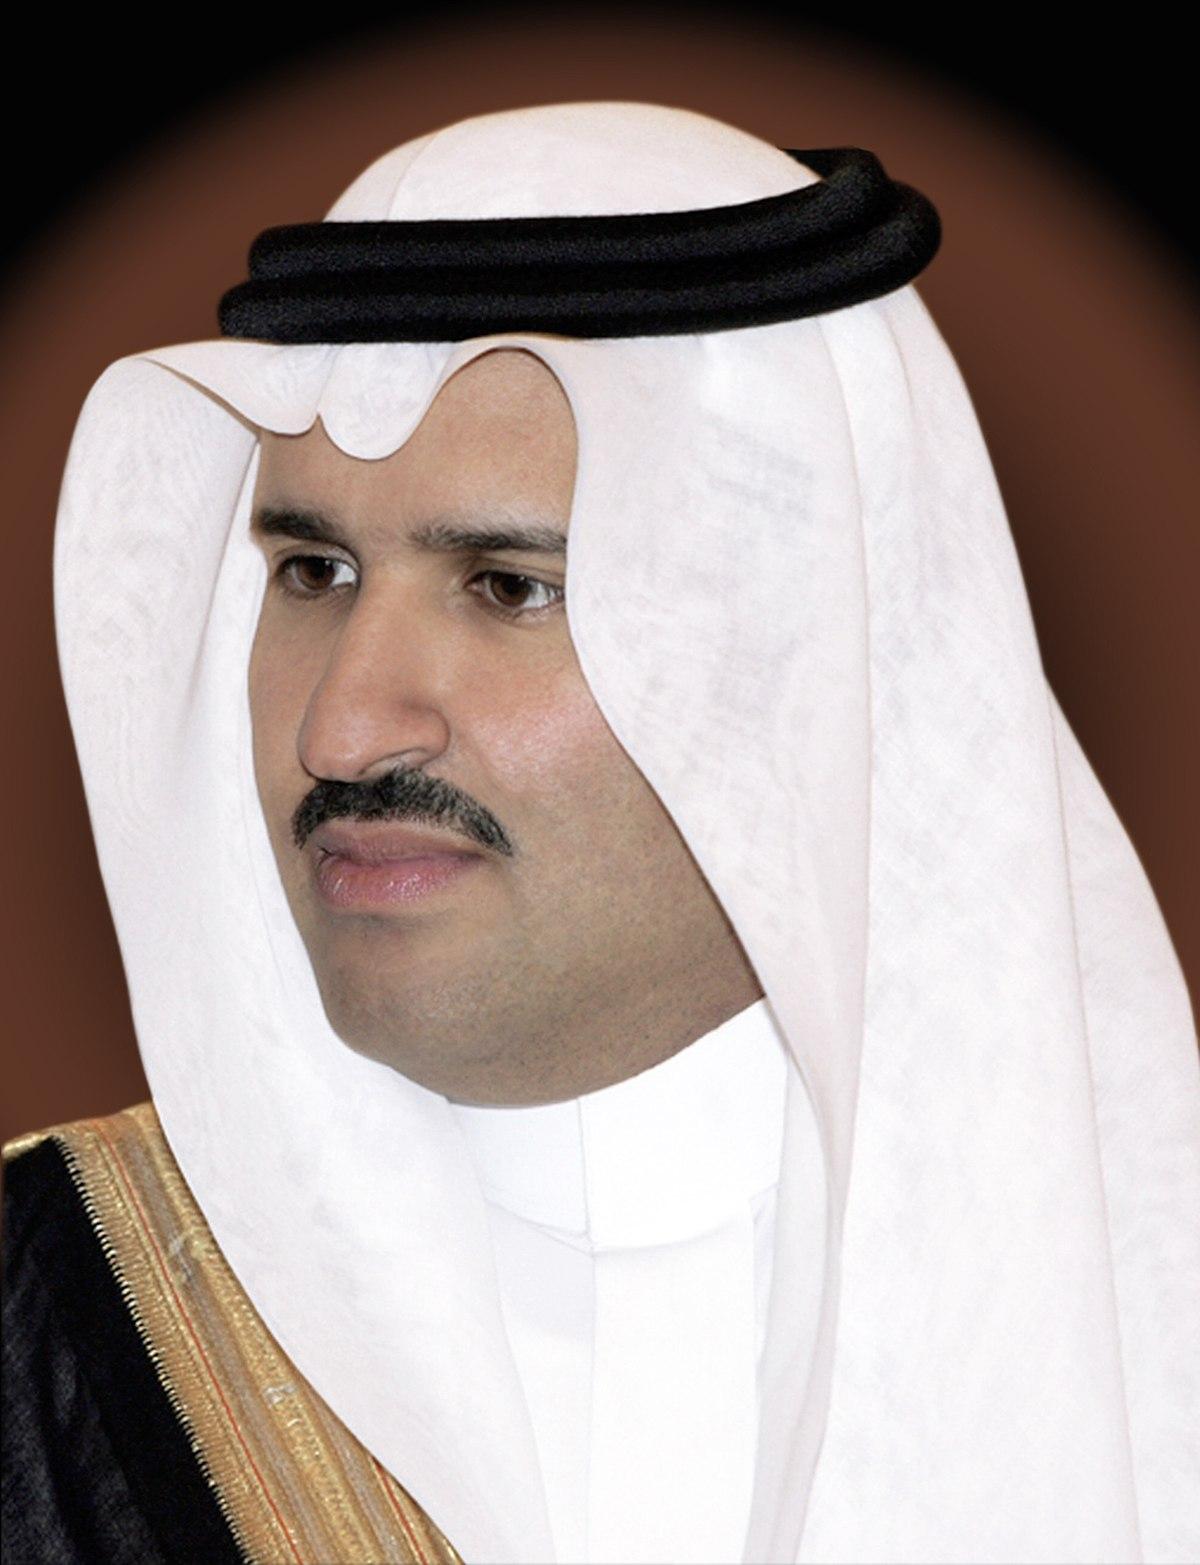 فيصل بن سلمان بن عبد العزيز آل سعود - ويكيبيديا